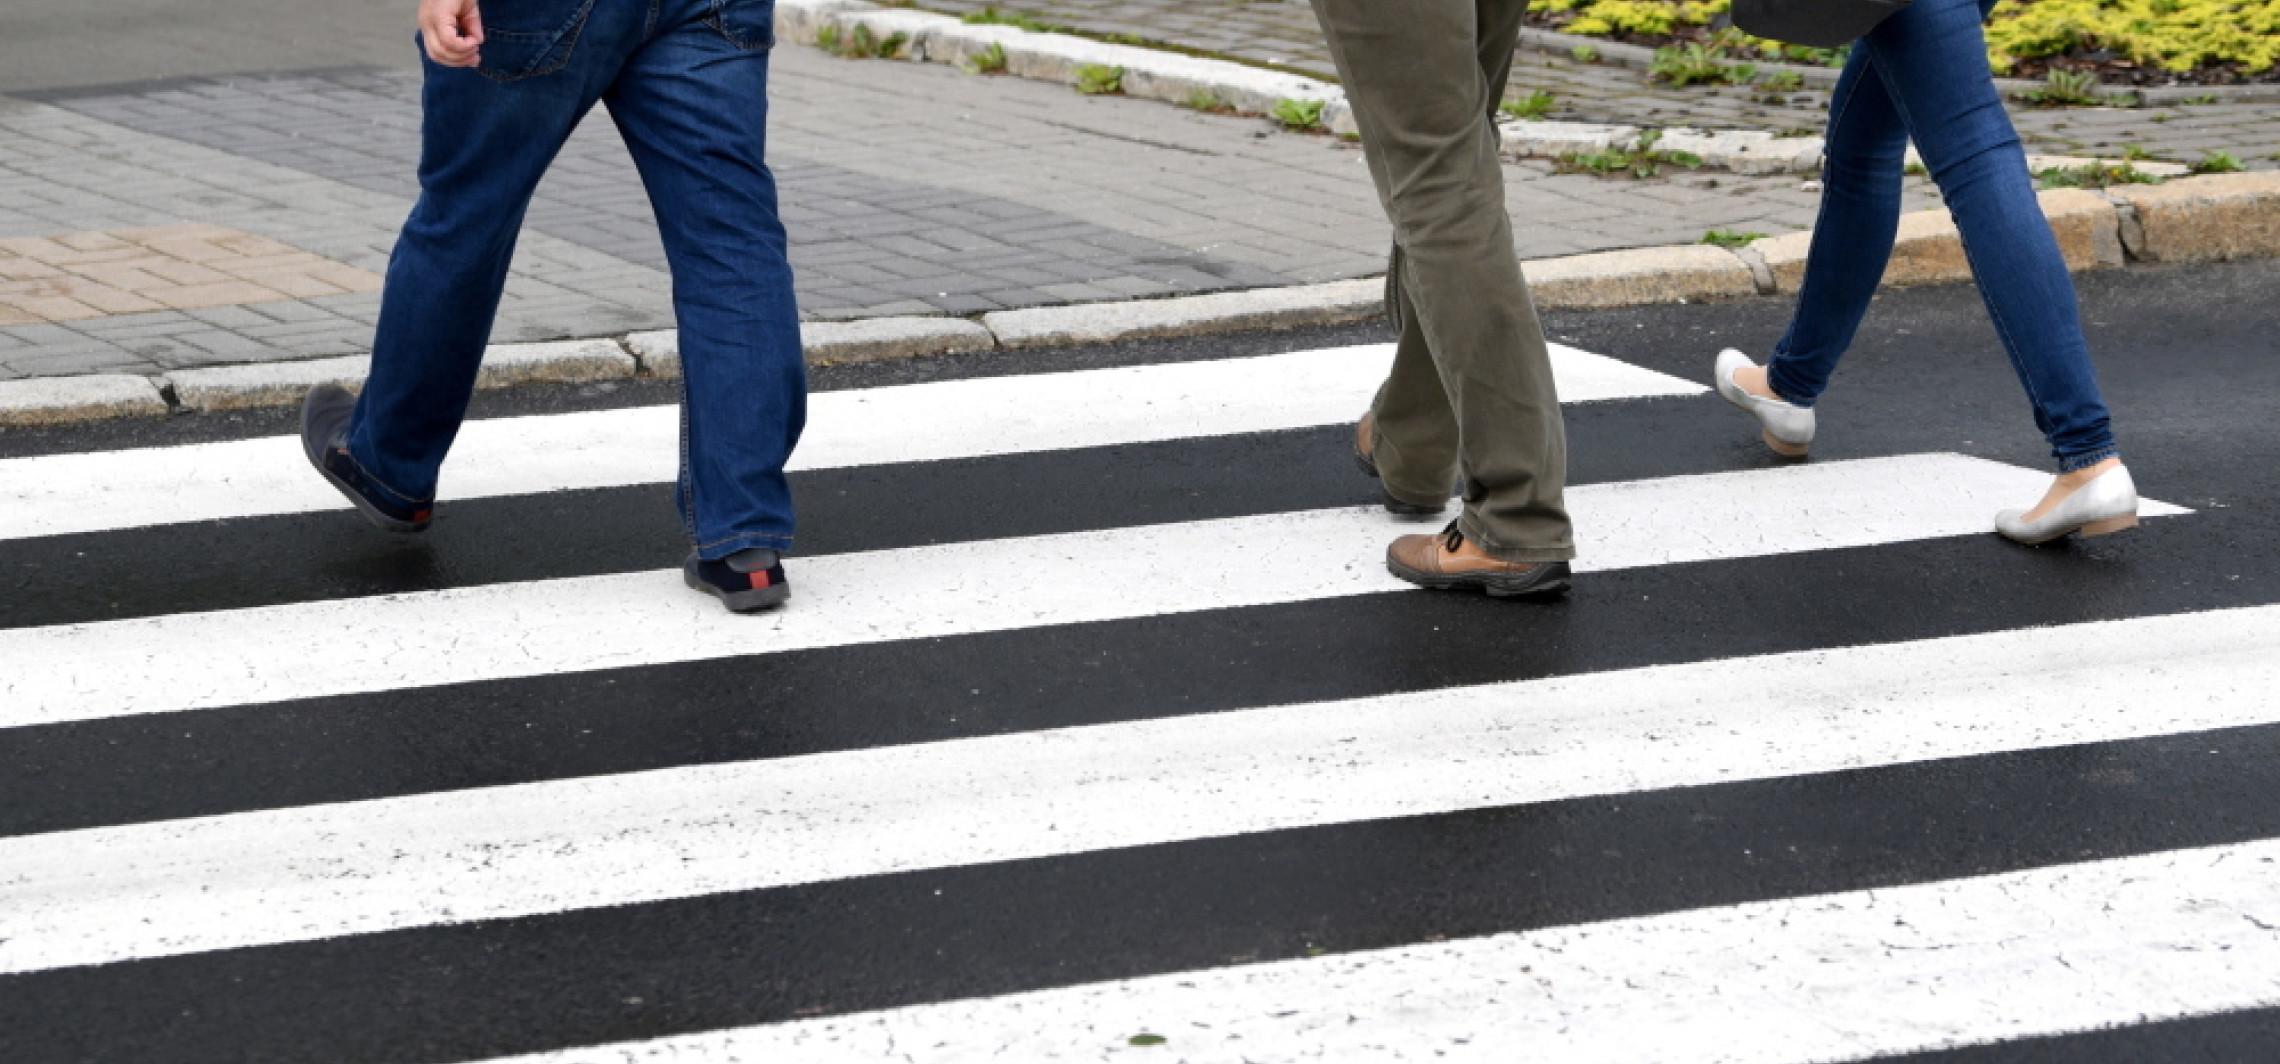 ITS: dane wskazują, że po zmianie przepisów spada liczba wypadków z udziałem pieszych